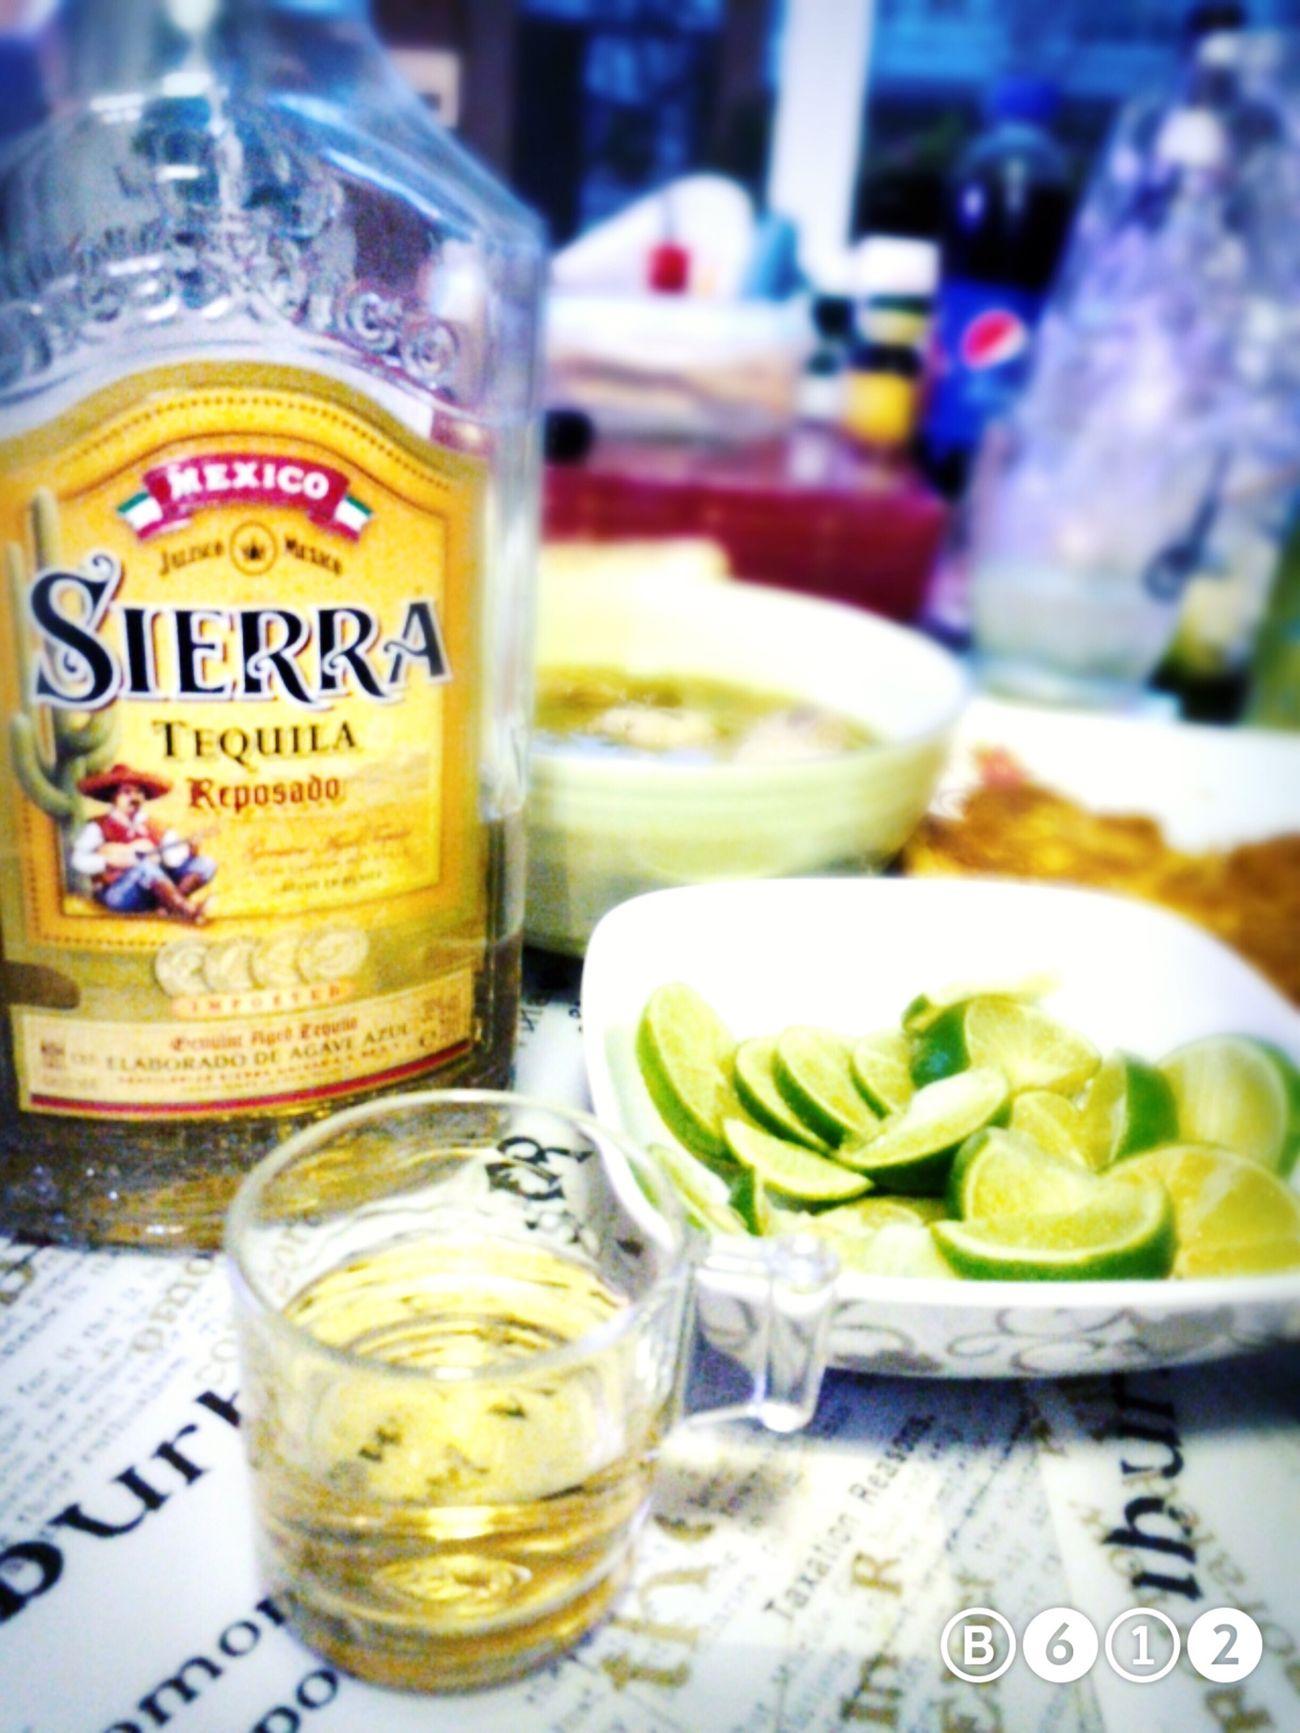 ? ยังมีงานรออยู่นะ! ให้ทายงานจิเสร็จมั๊ย เสร็จ สายแข็ง Sierra Tequila ยาวไปยาวไป